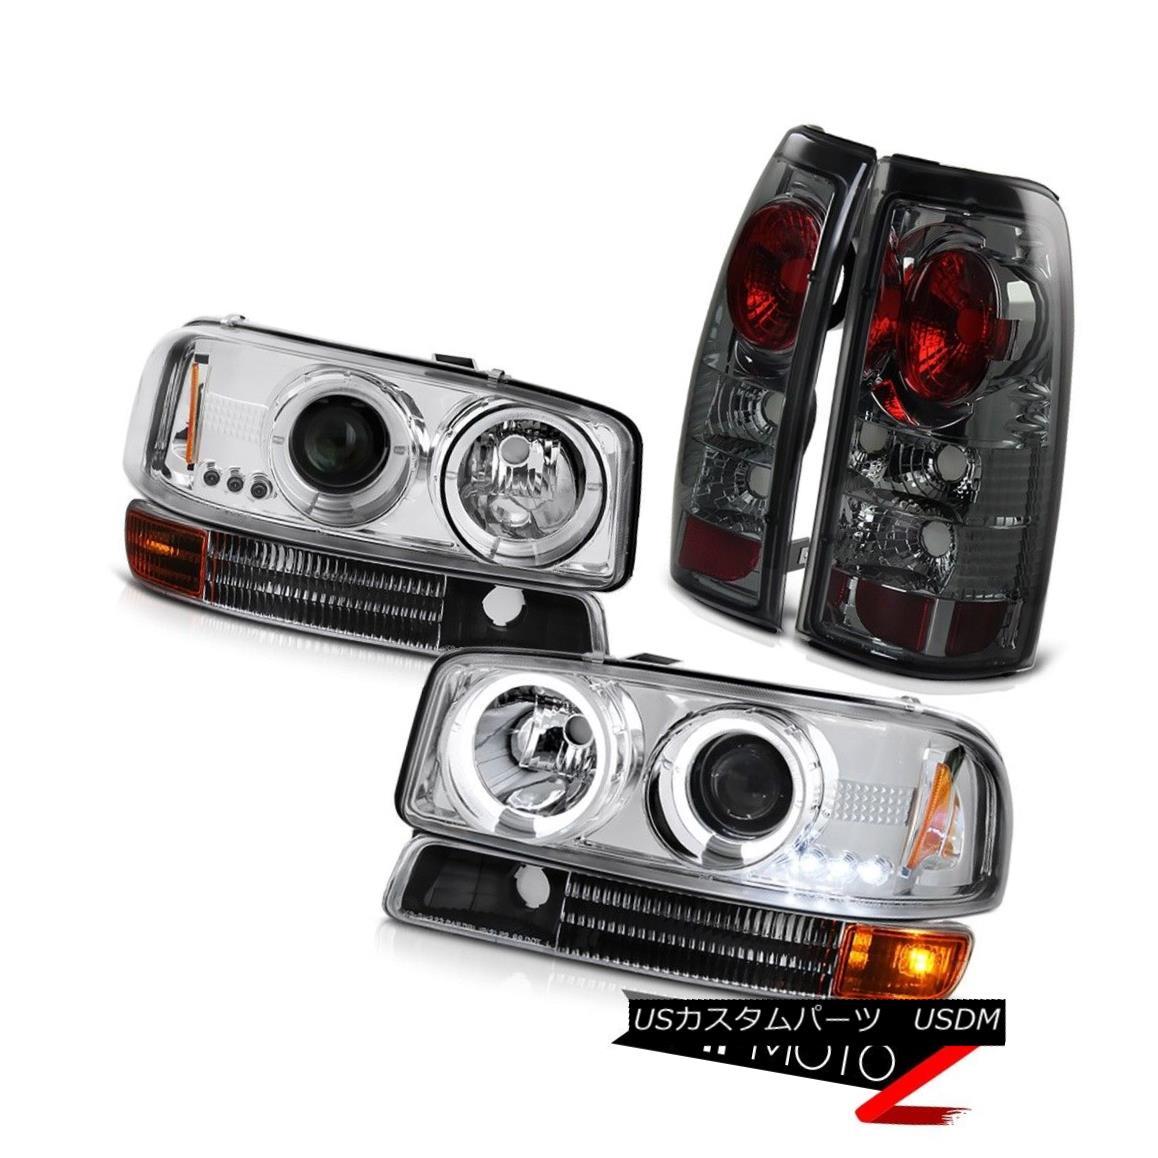 ヘッドライト 99-03 Sierra 1500 Euro Halo LED Headlights Black Parking Smoke Rear Brake Lamps 99-03 Sierra 1500 Euro Halo LEDヘッドライト黒色の駐車煙の後部ブレーキランプ